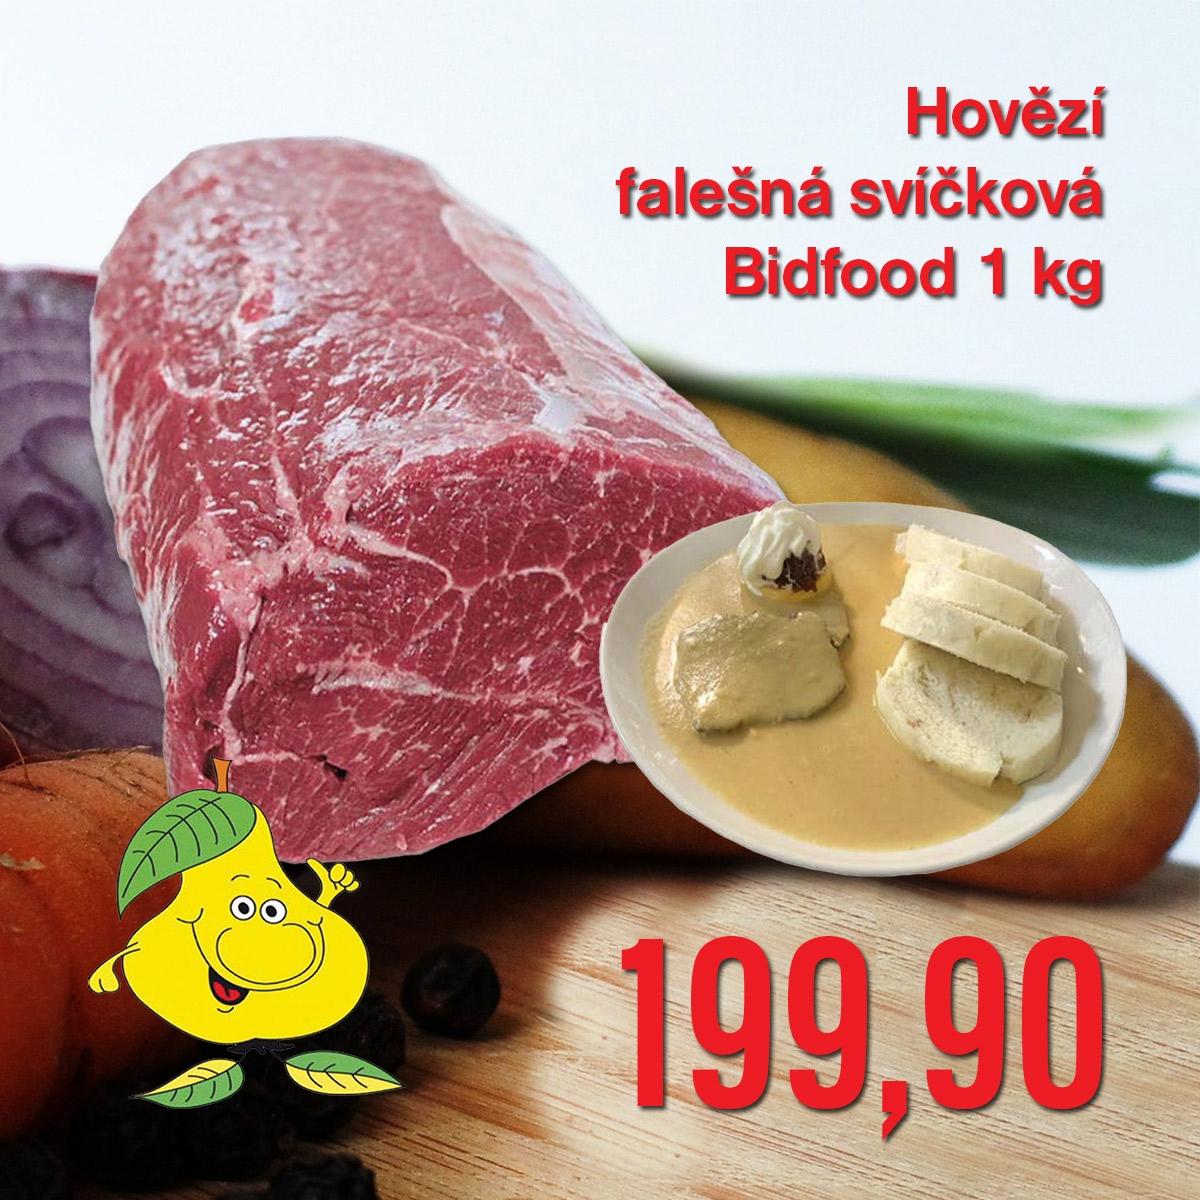 Hovězí falešná svíčková Bidfood 1 kg